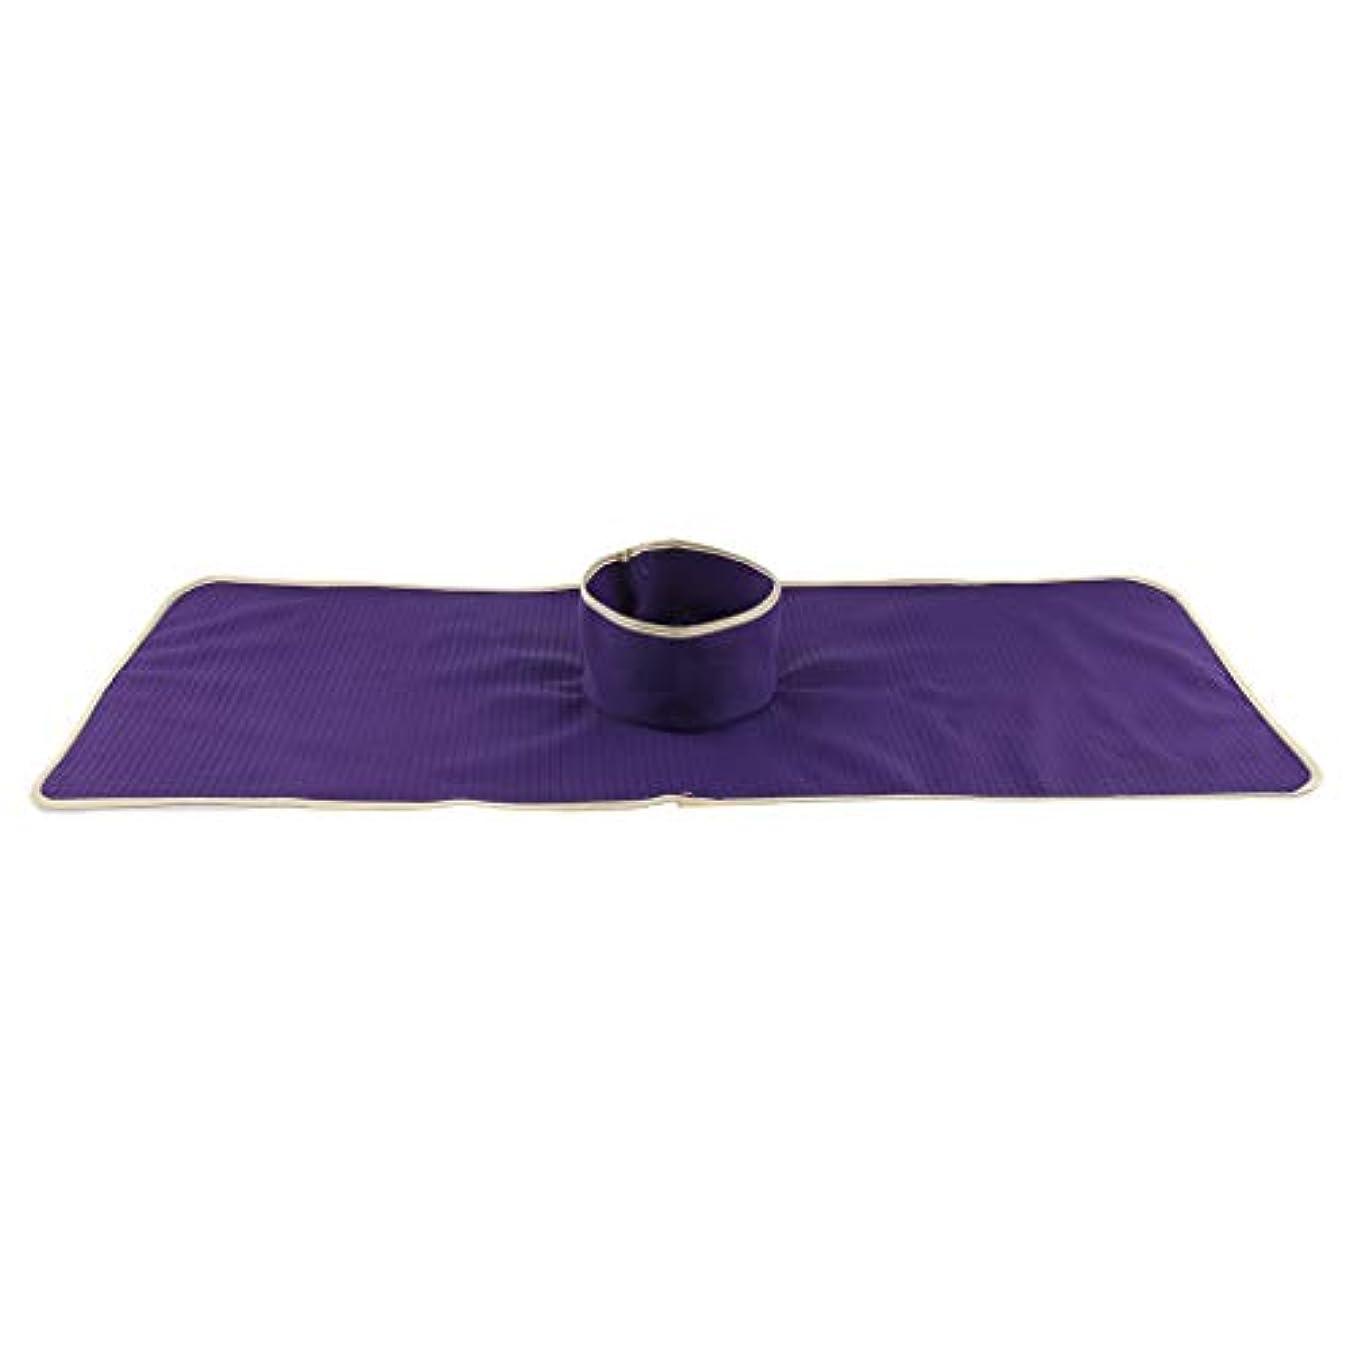 アクセサリー歴史兵器庫サロン 美容院 マッサージのベッド パッド 穴付き 洗える 約90×35cm 全3色 - 紫